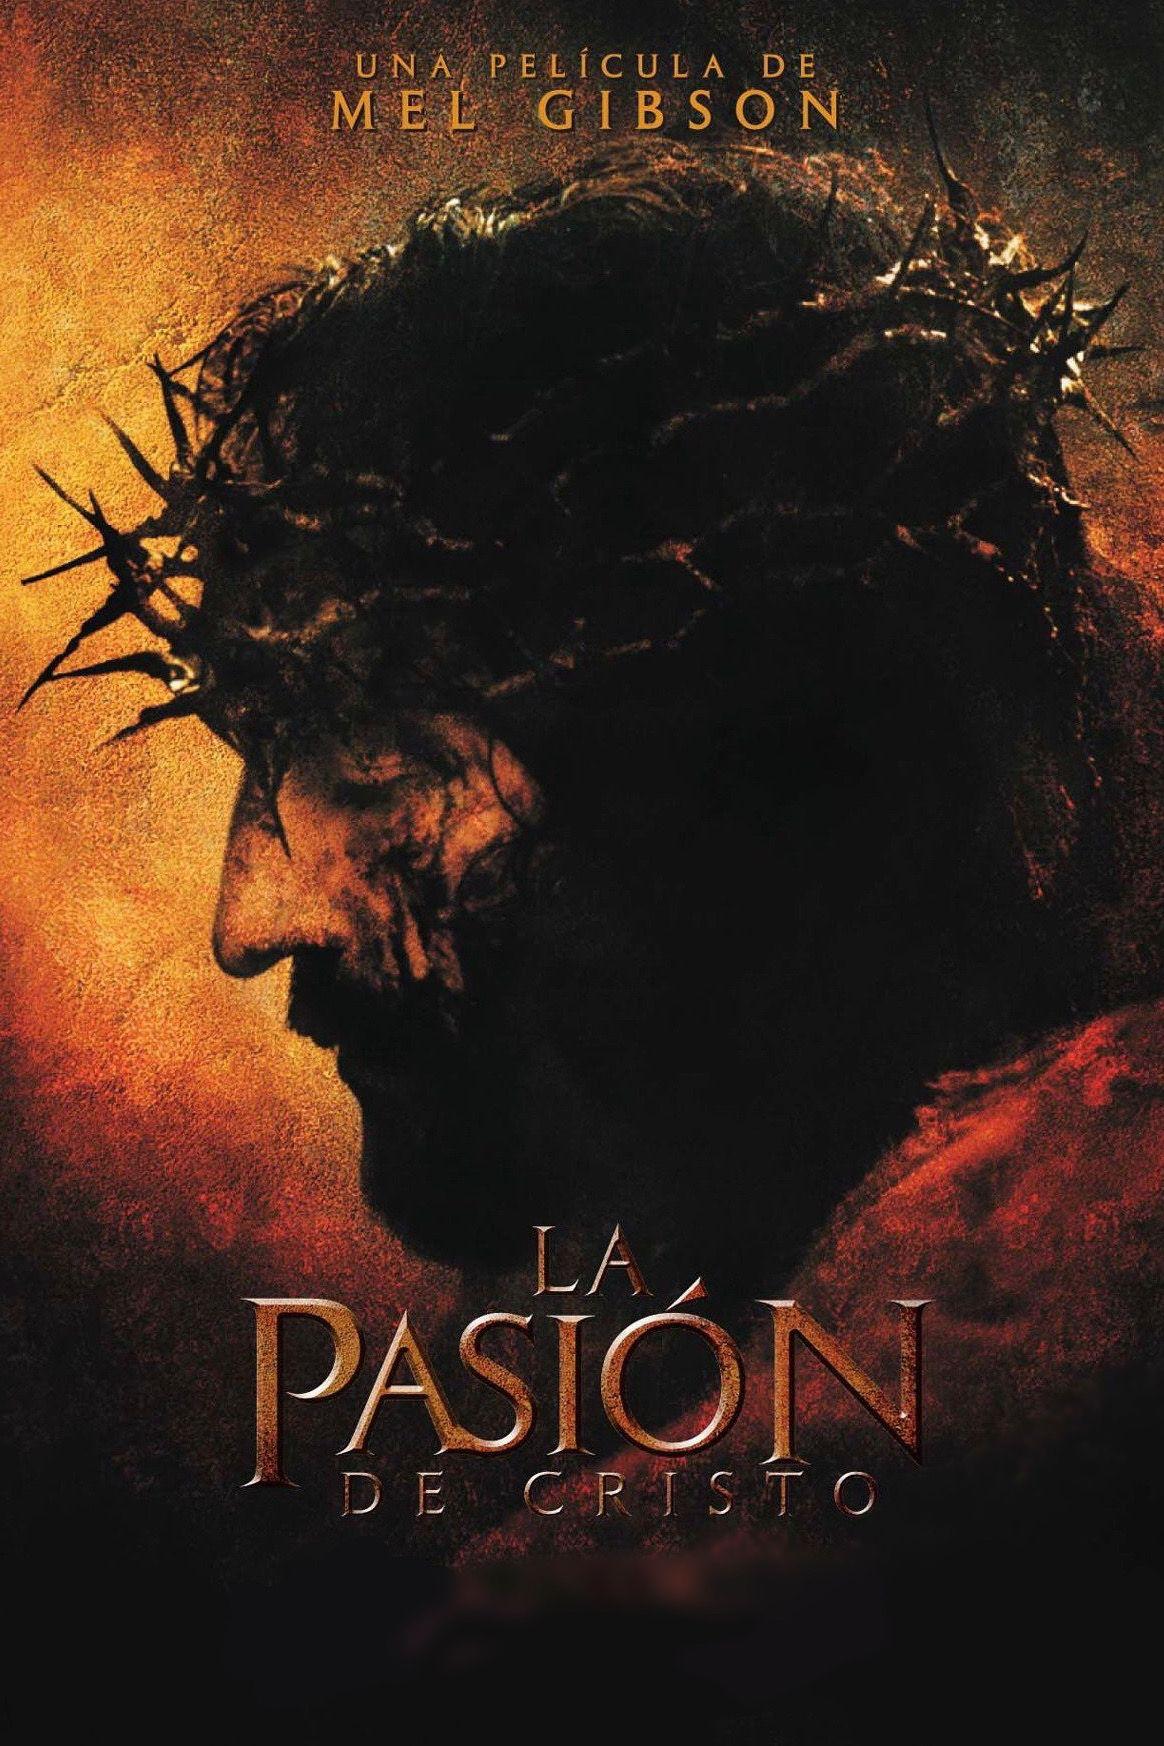 La Pasion De Cristo Peliculas Peliculas Online Peliculas Completas